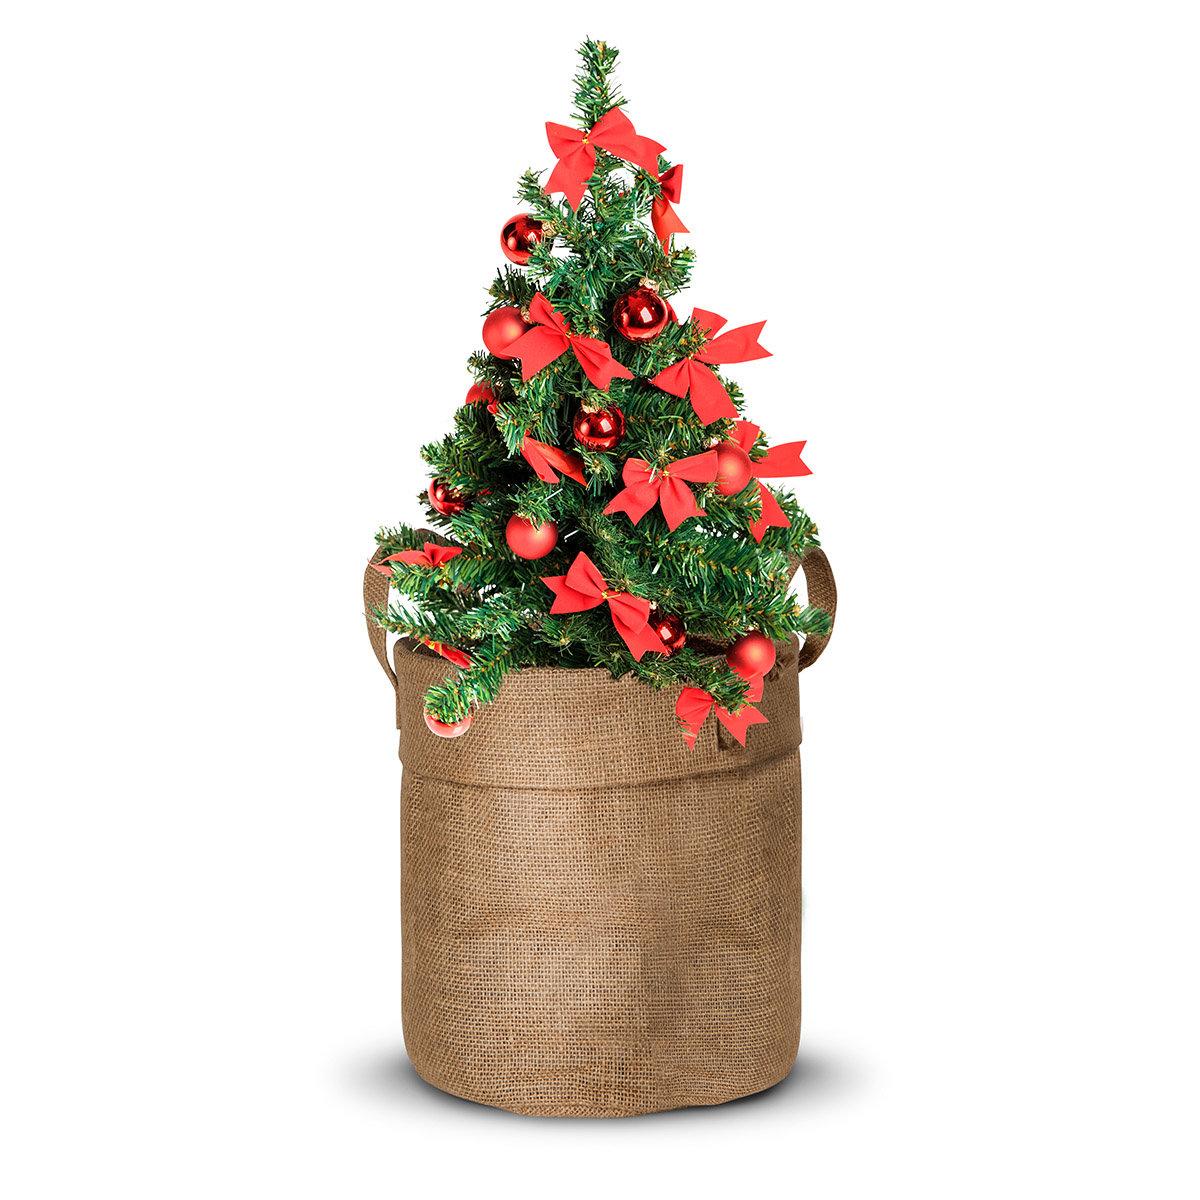 Weihnachtsbäumchen Saatgut im Jute-Anzuchtbeutel, inkl. 6 Liter Erde und Weihnachtskarte | #3